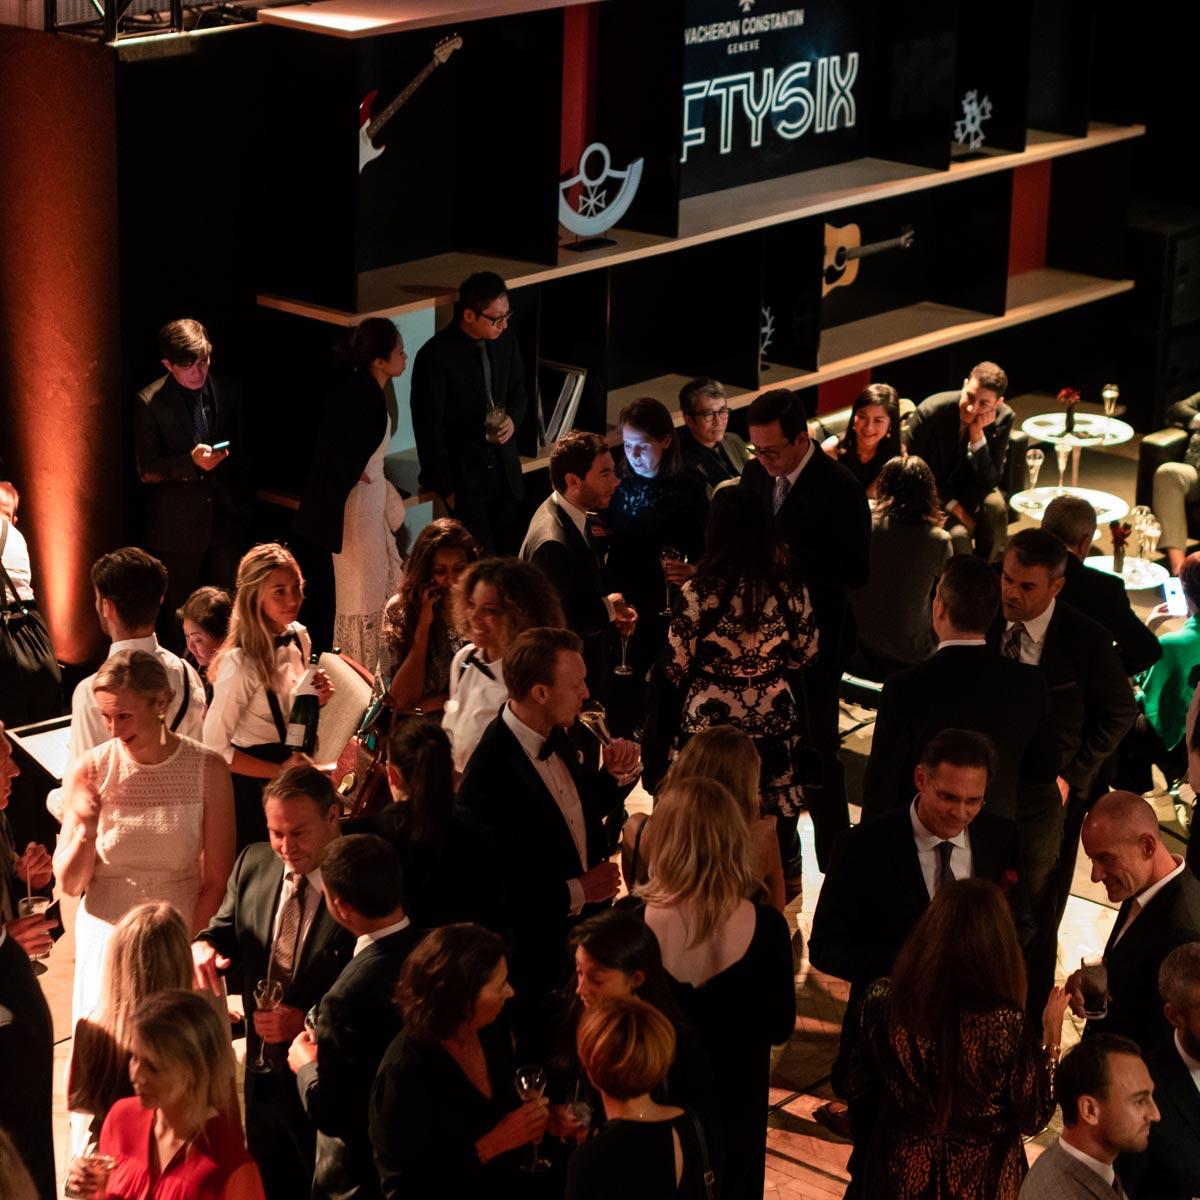 La Cote des Montres : Photo - Vacheron Constantin présente la collection Fiftysix® dans les célèbres studios Abbey Road à Londres